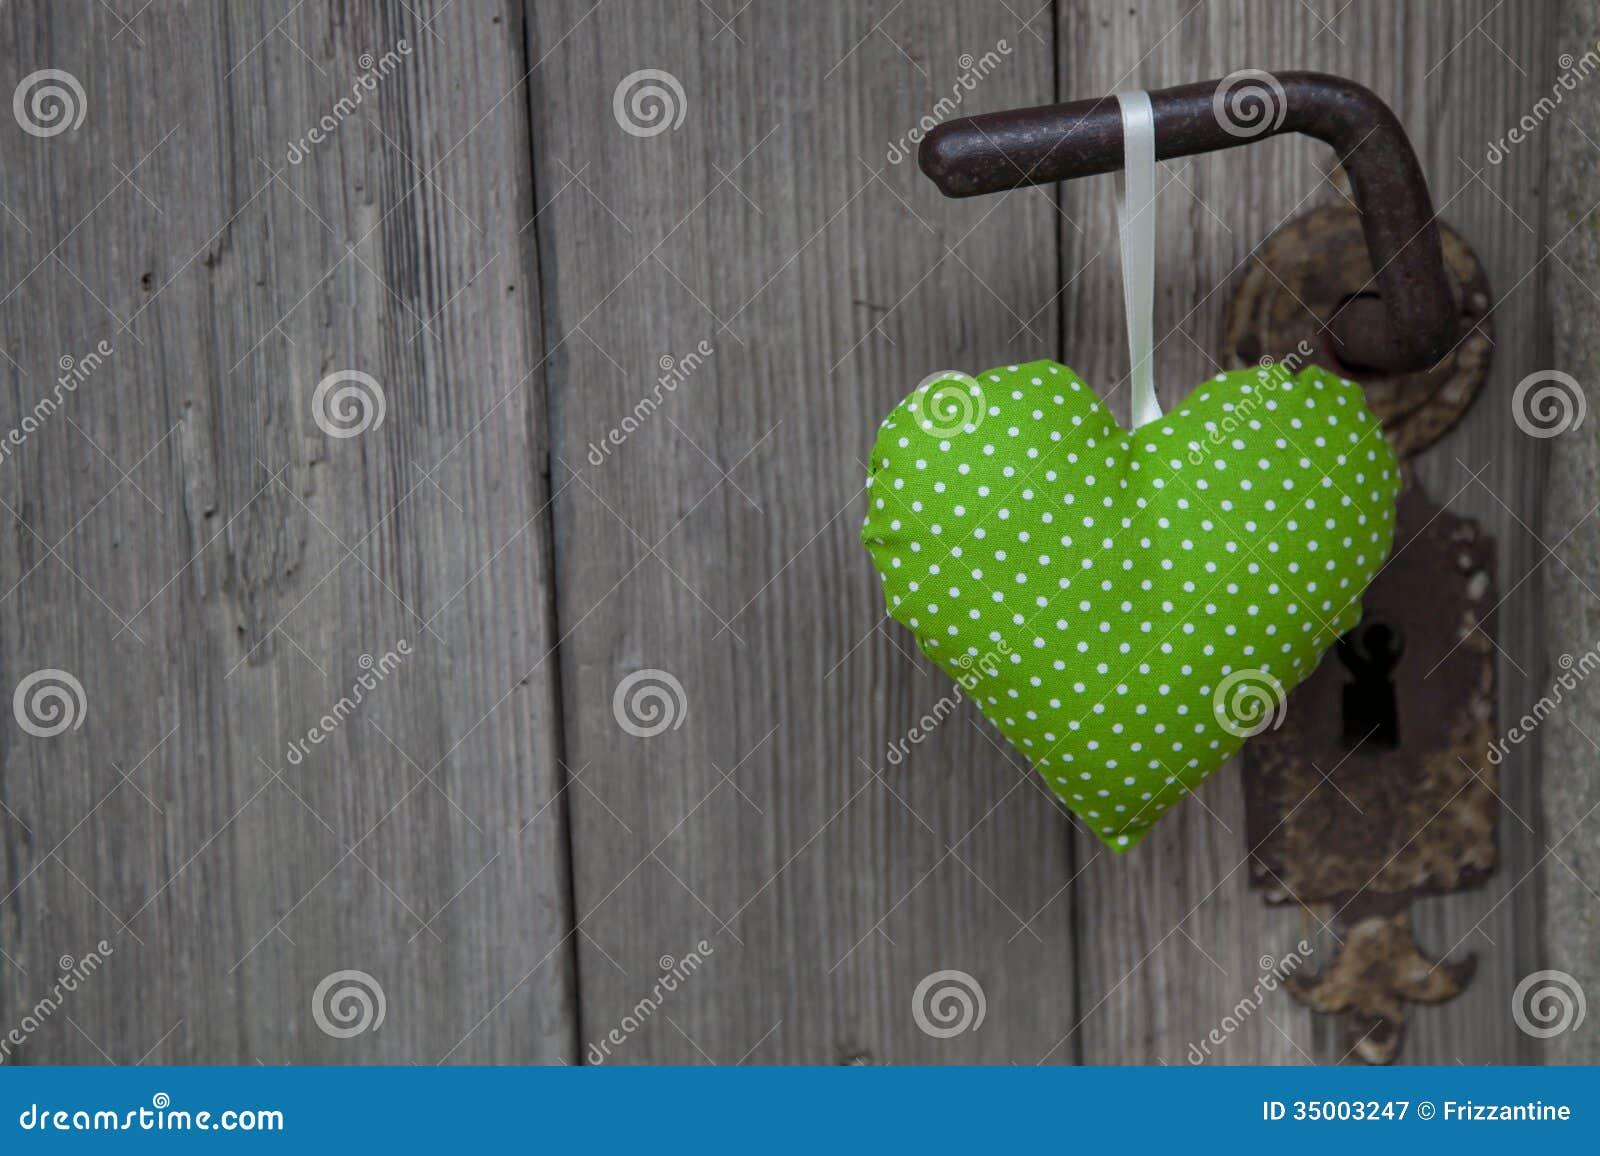 Ejecución verde en el tirador de puerta - ingenio de madera de la forma del corazón del fondo